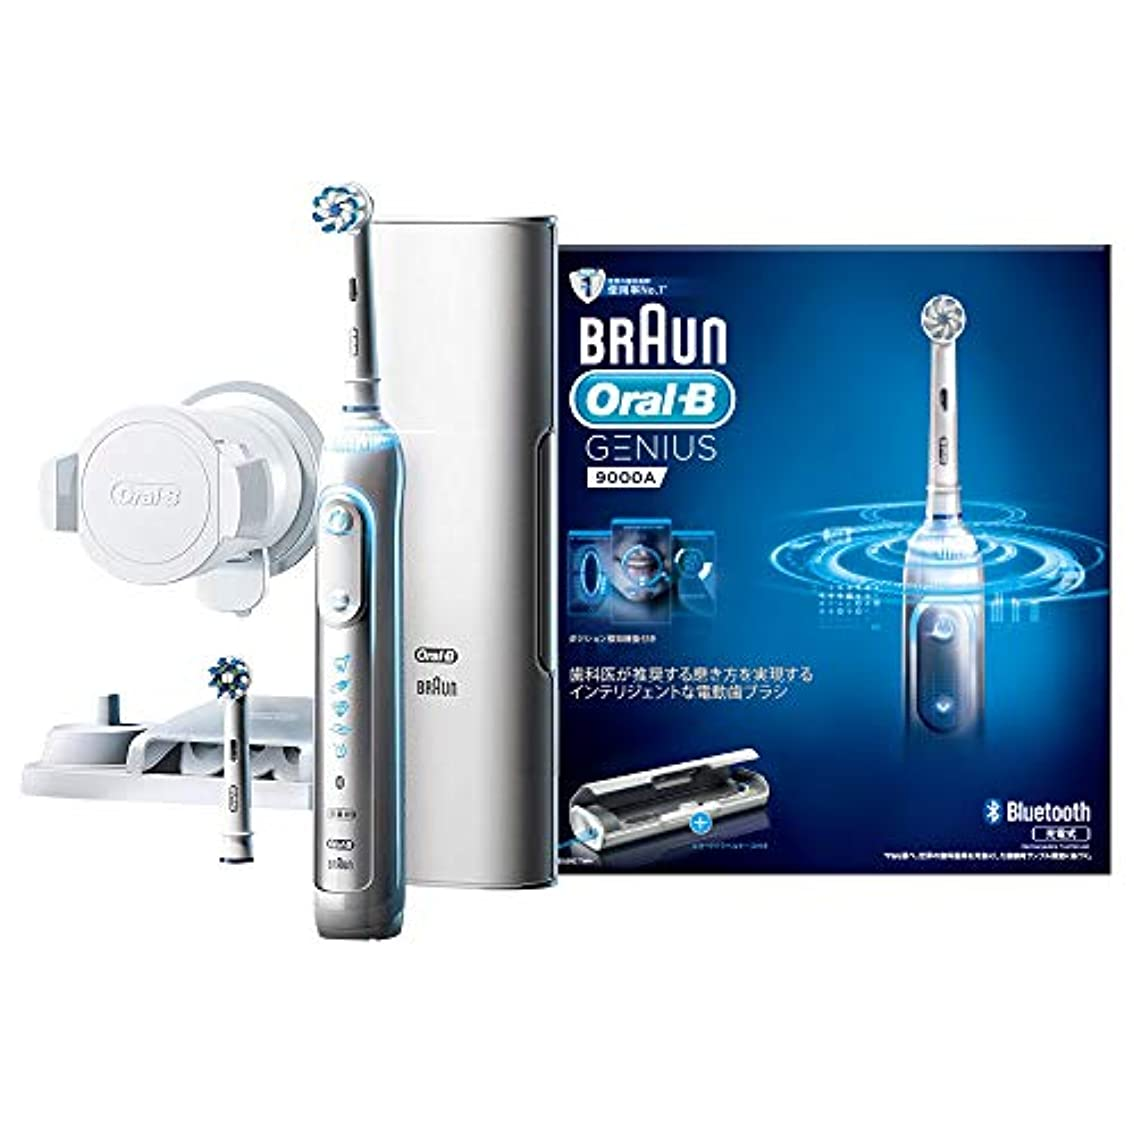 ソース慢りブラウン オーラルB 電動歯ブラシ ジーニアス9000 ホワイト D7015256XCTWH